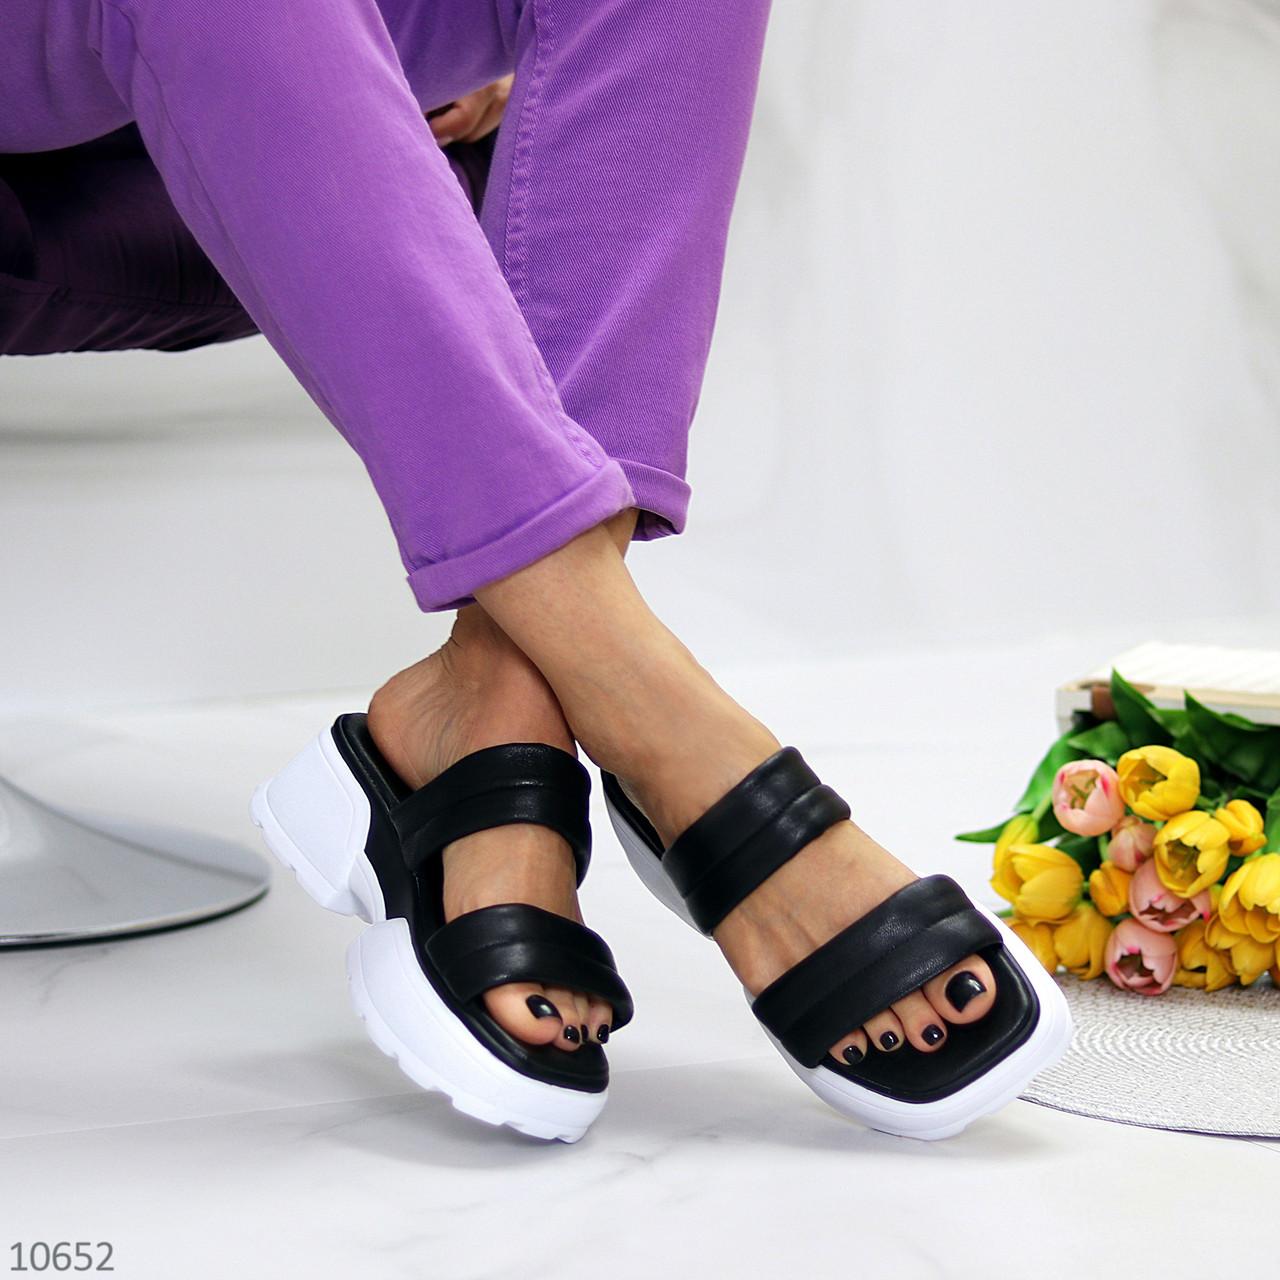 Модные кожаные черные женские шлепки шлепанцы натуральная кожа на утолщенной подошве